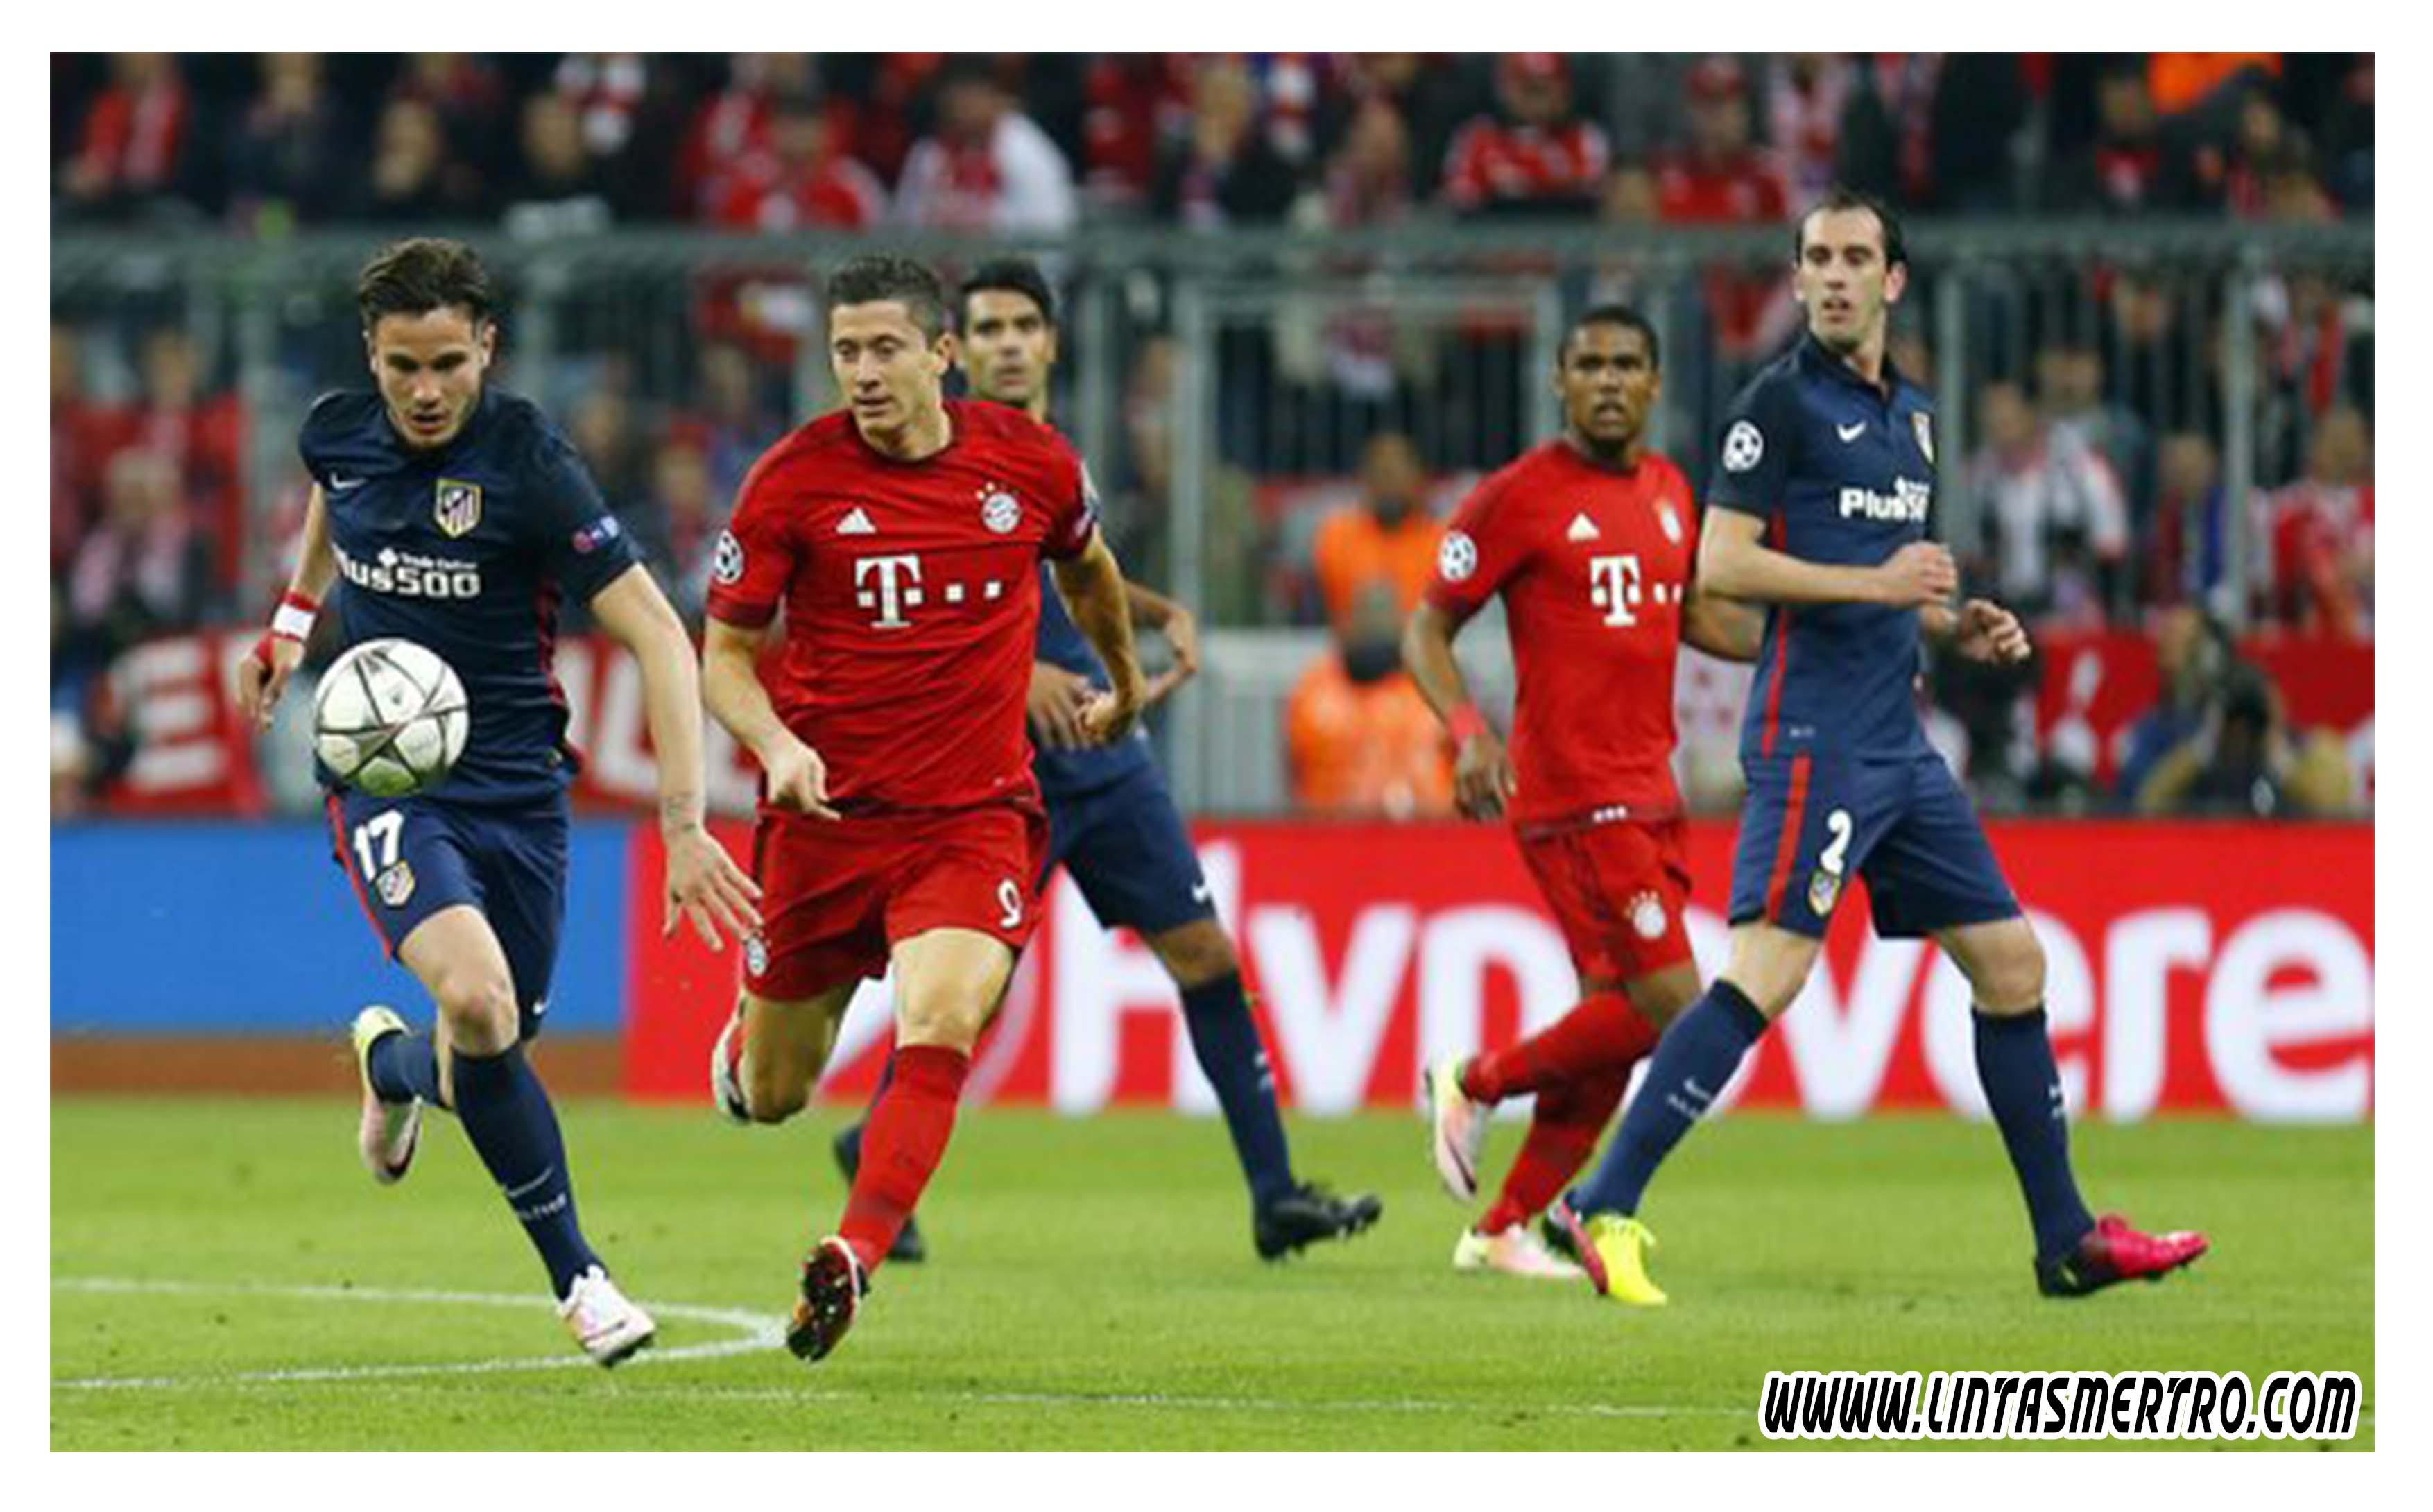 Atletico Madrid vs Bayern Munich Prediksi Liga Champions 2020/21